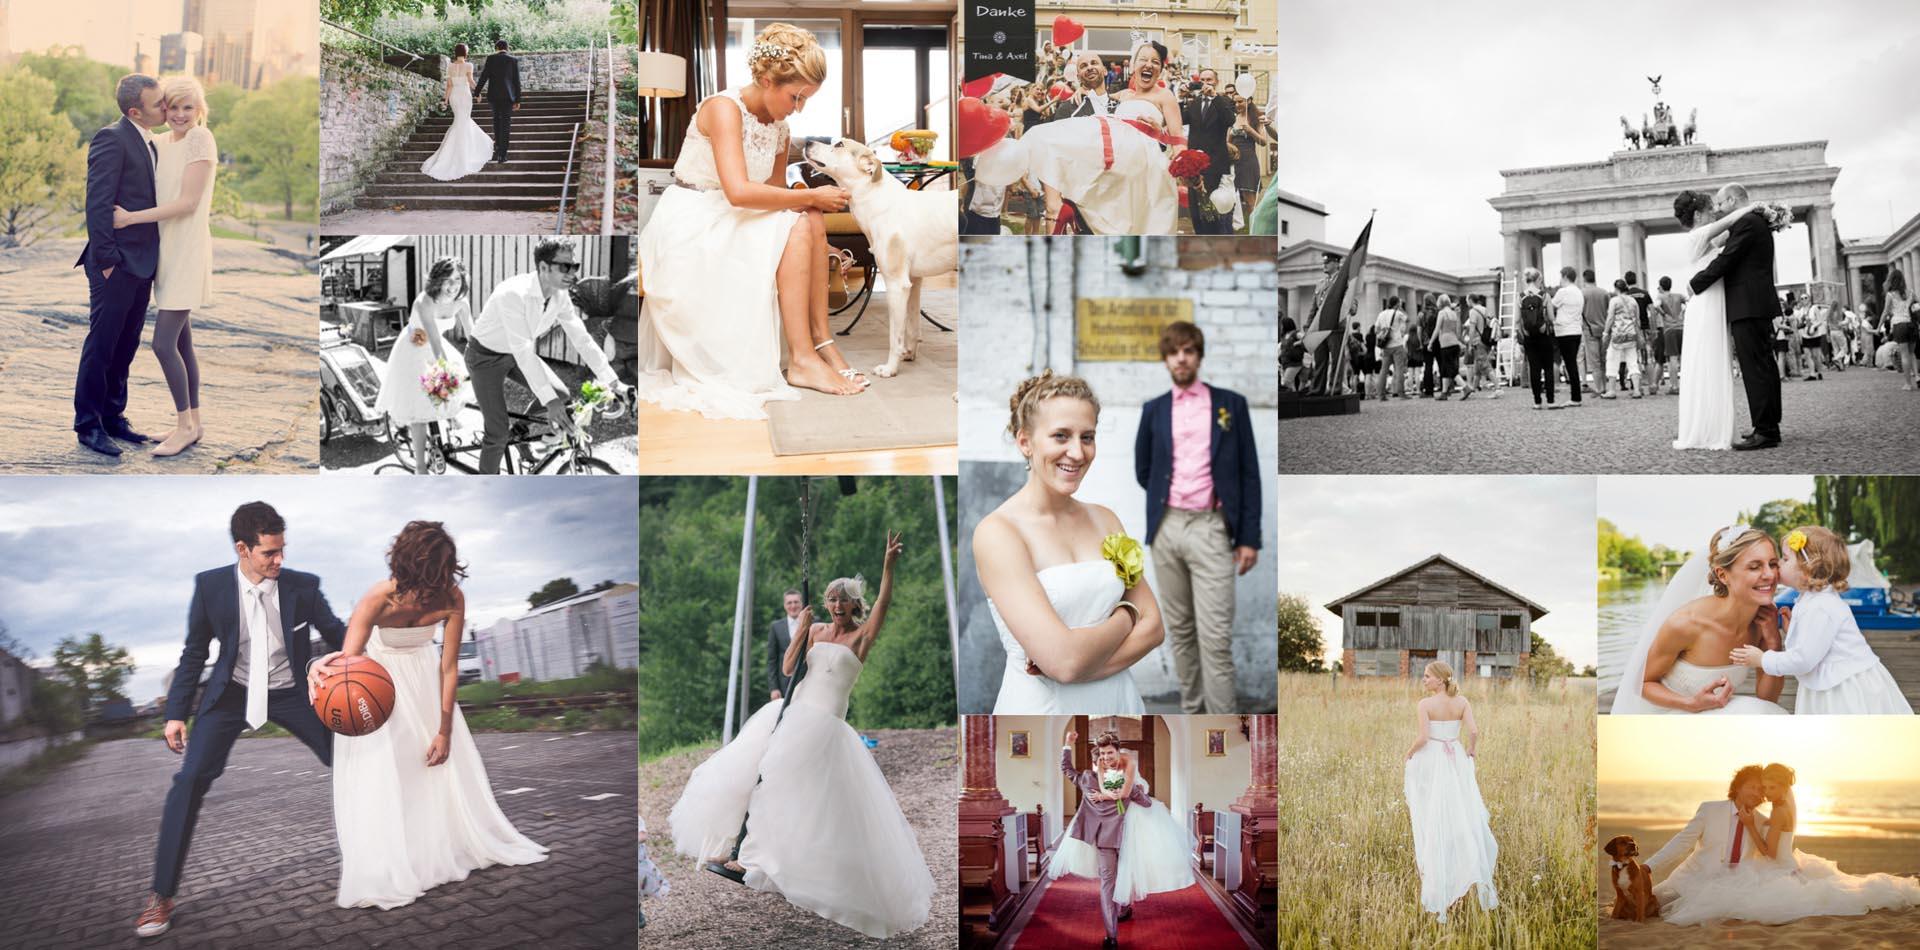 Real Brides – unsere lieben Bräute